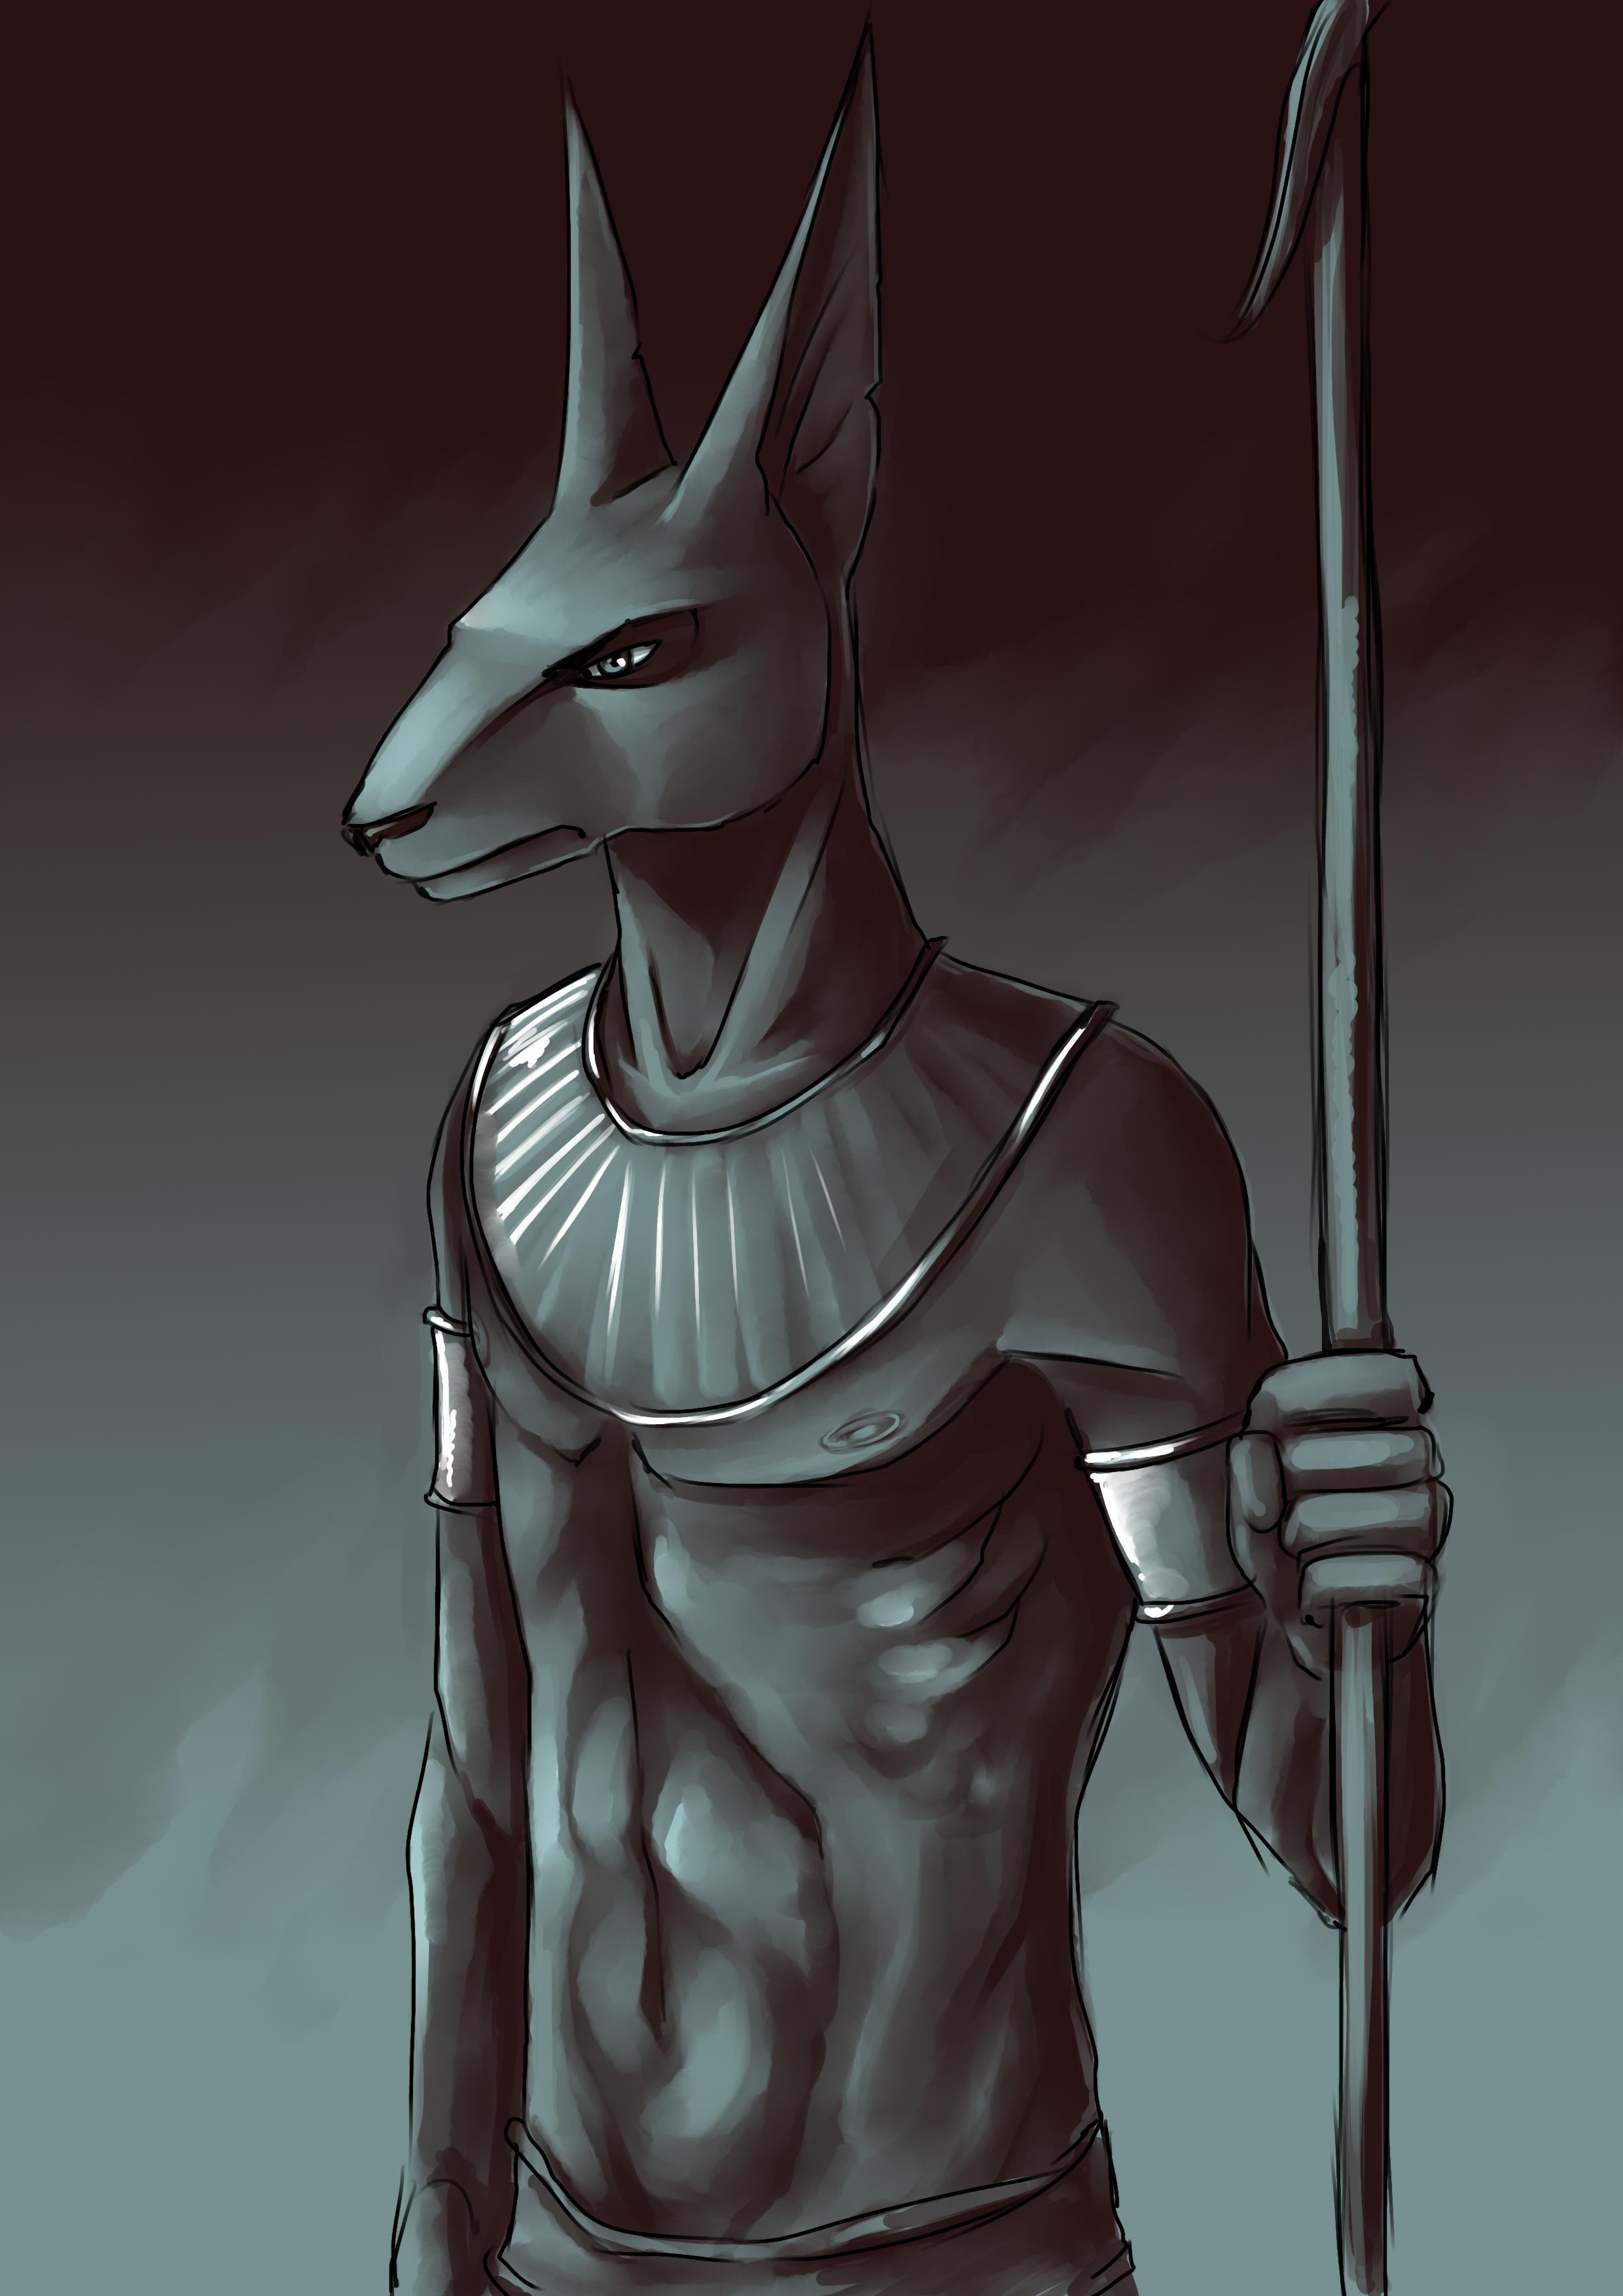 Anubis by Super-Furet